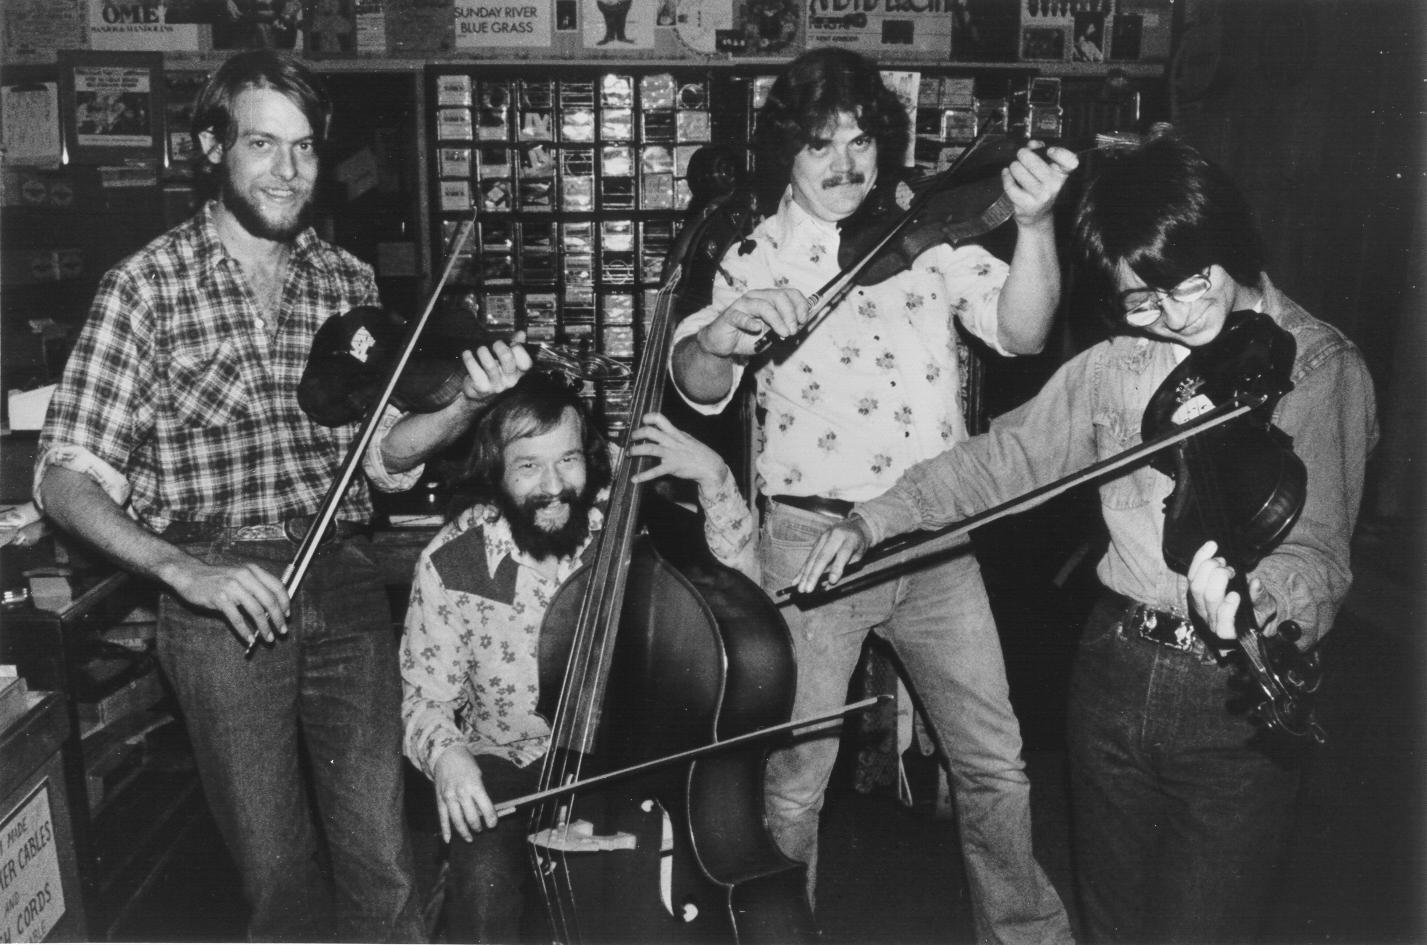 Silverball, Denver, CO 1977